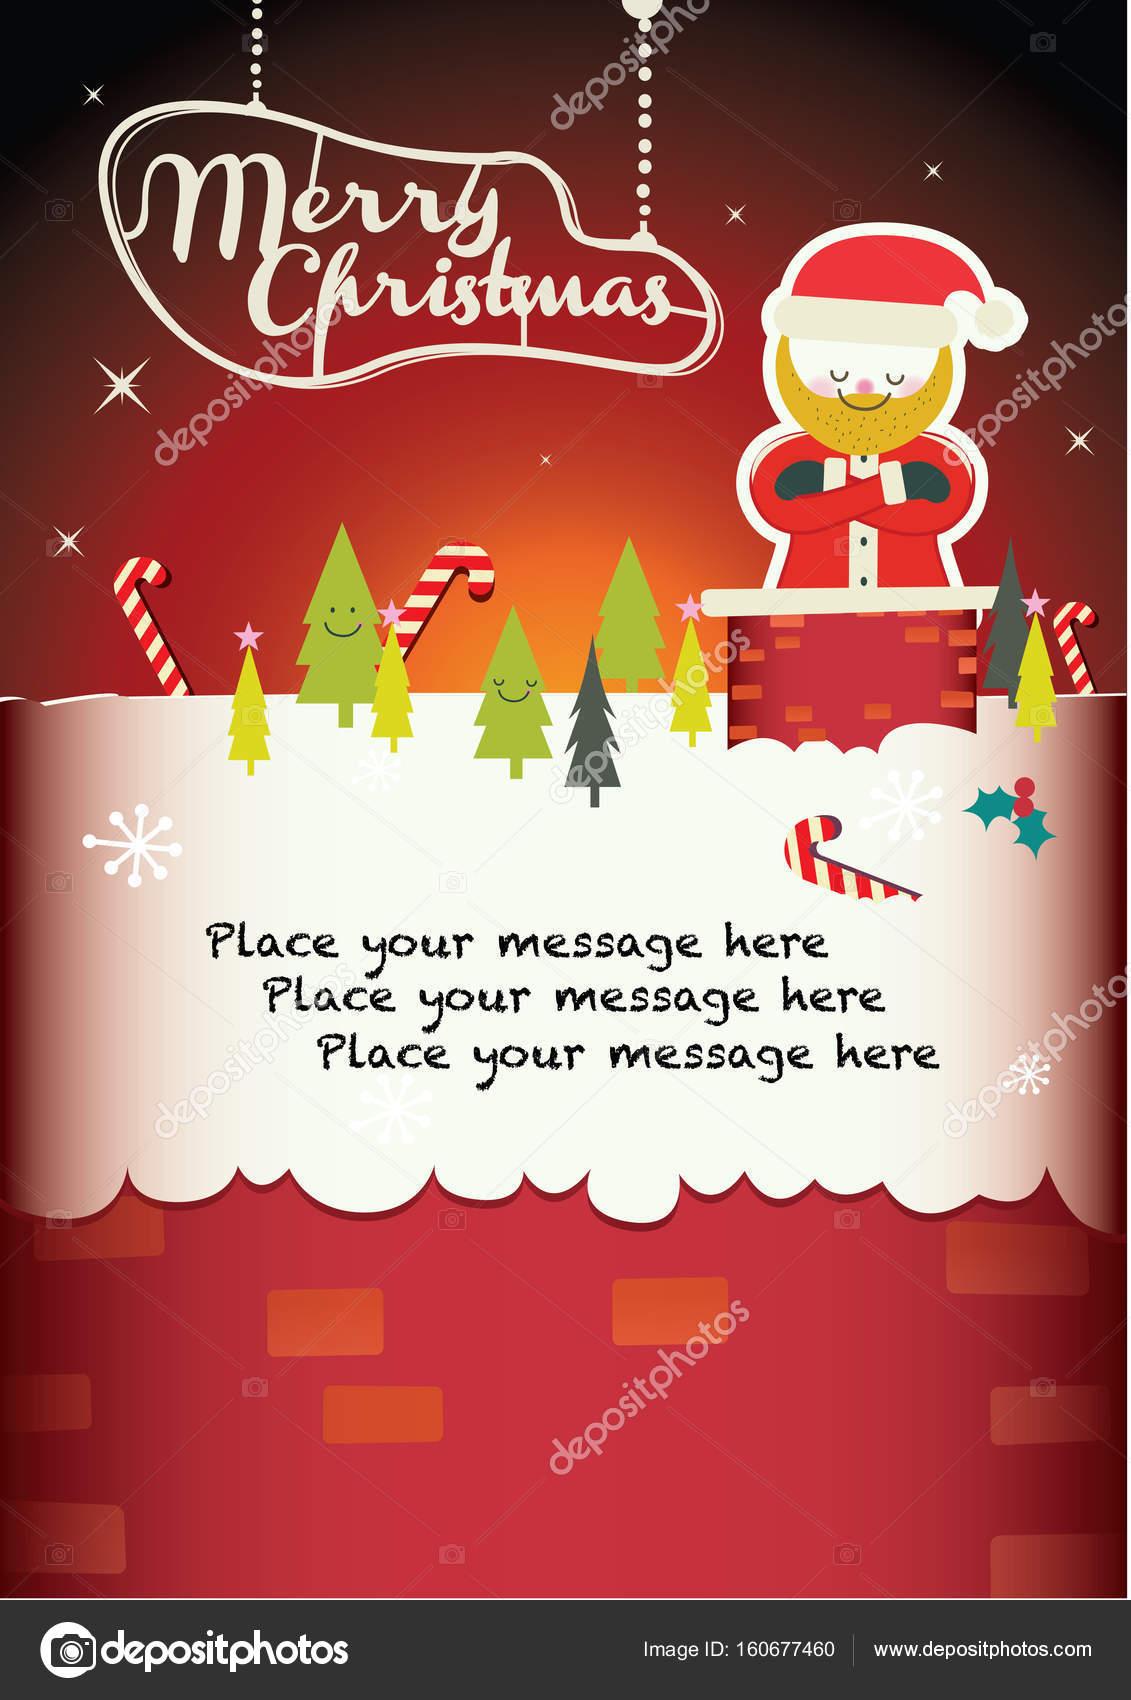 Weihnachtsgrüße Vorlage.Weihnachtsgruß Vorlage Stockvektor Nanano 160677460